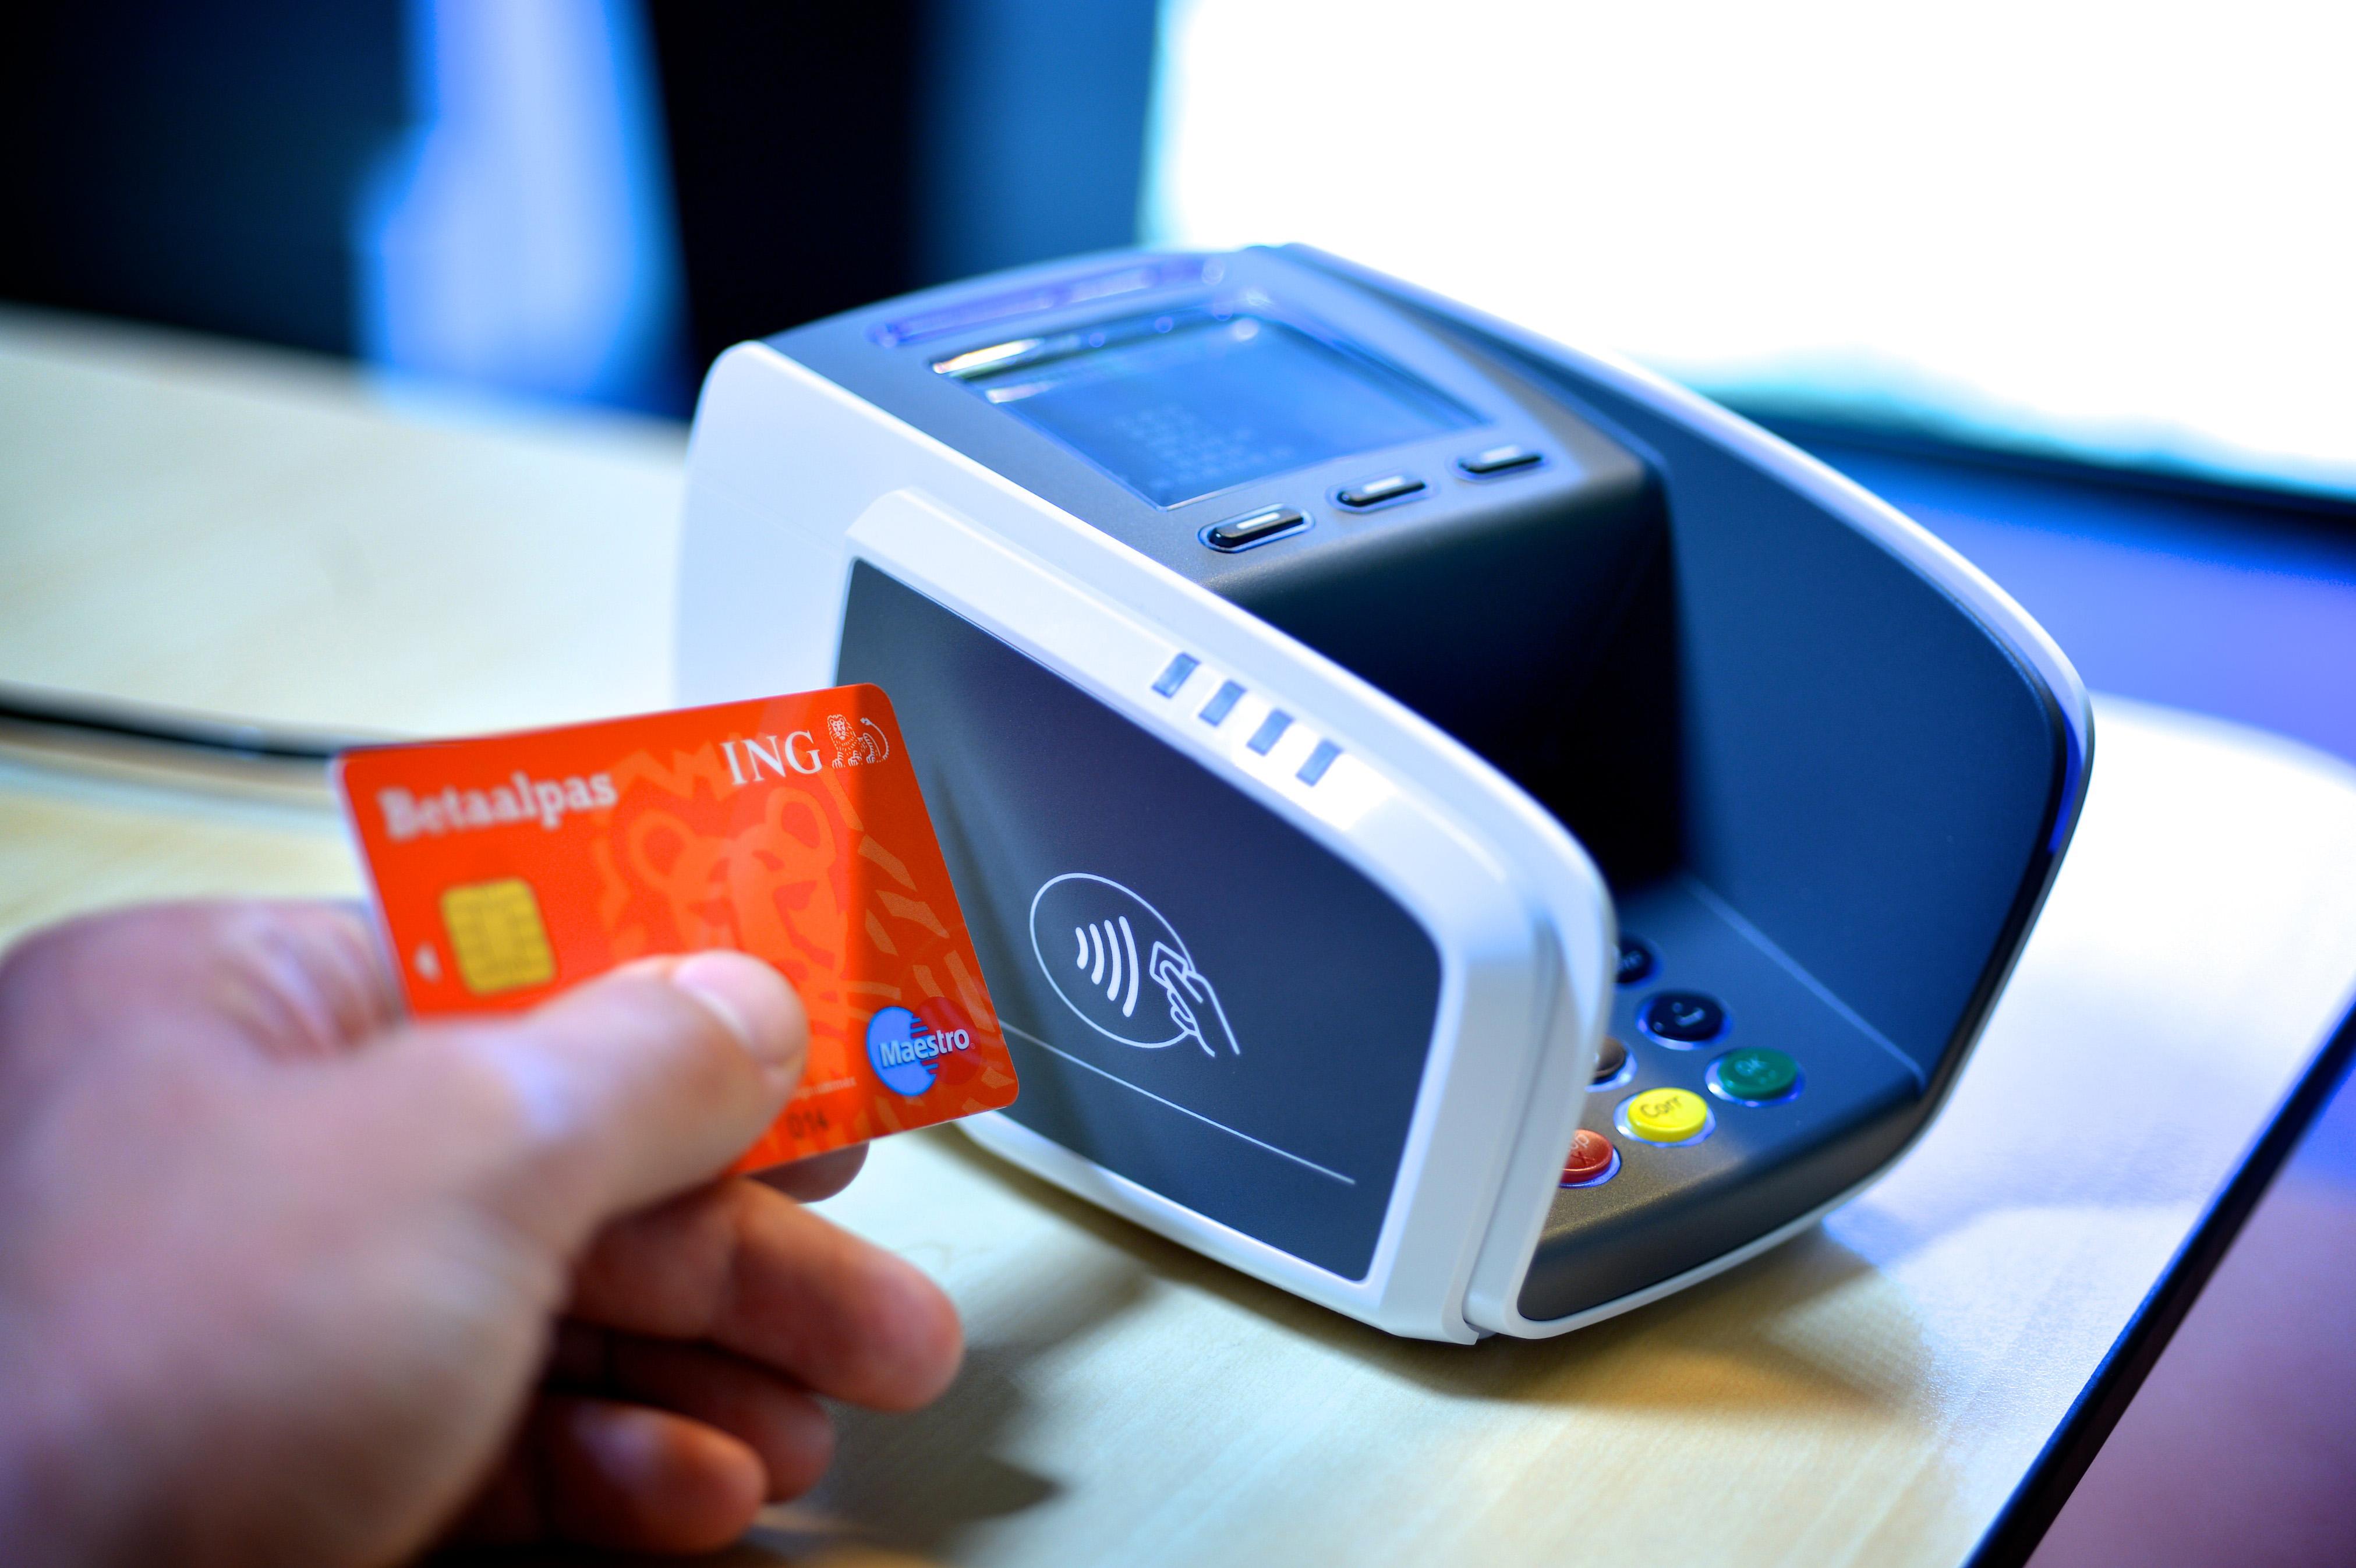 信用卡會不知不覺被隔空感應刷走?RFID shield 是否為恐懼下的產物?